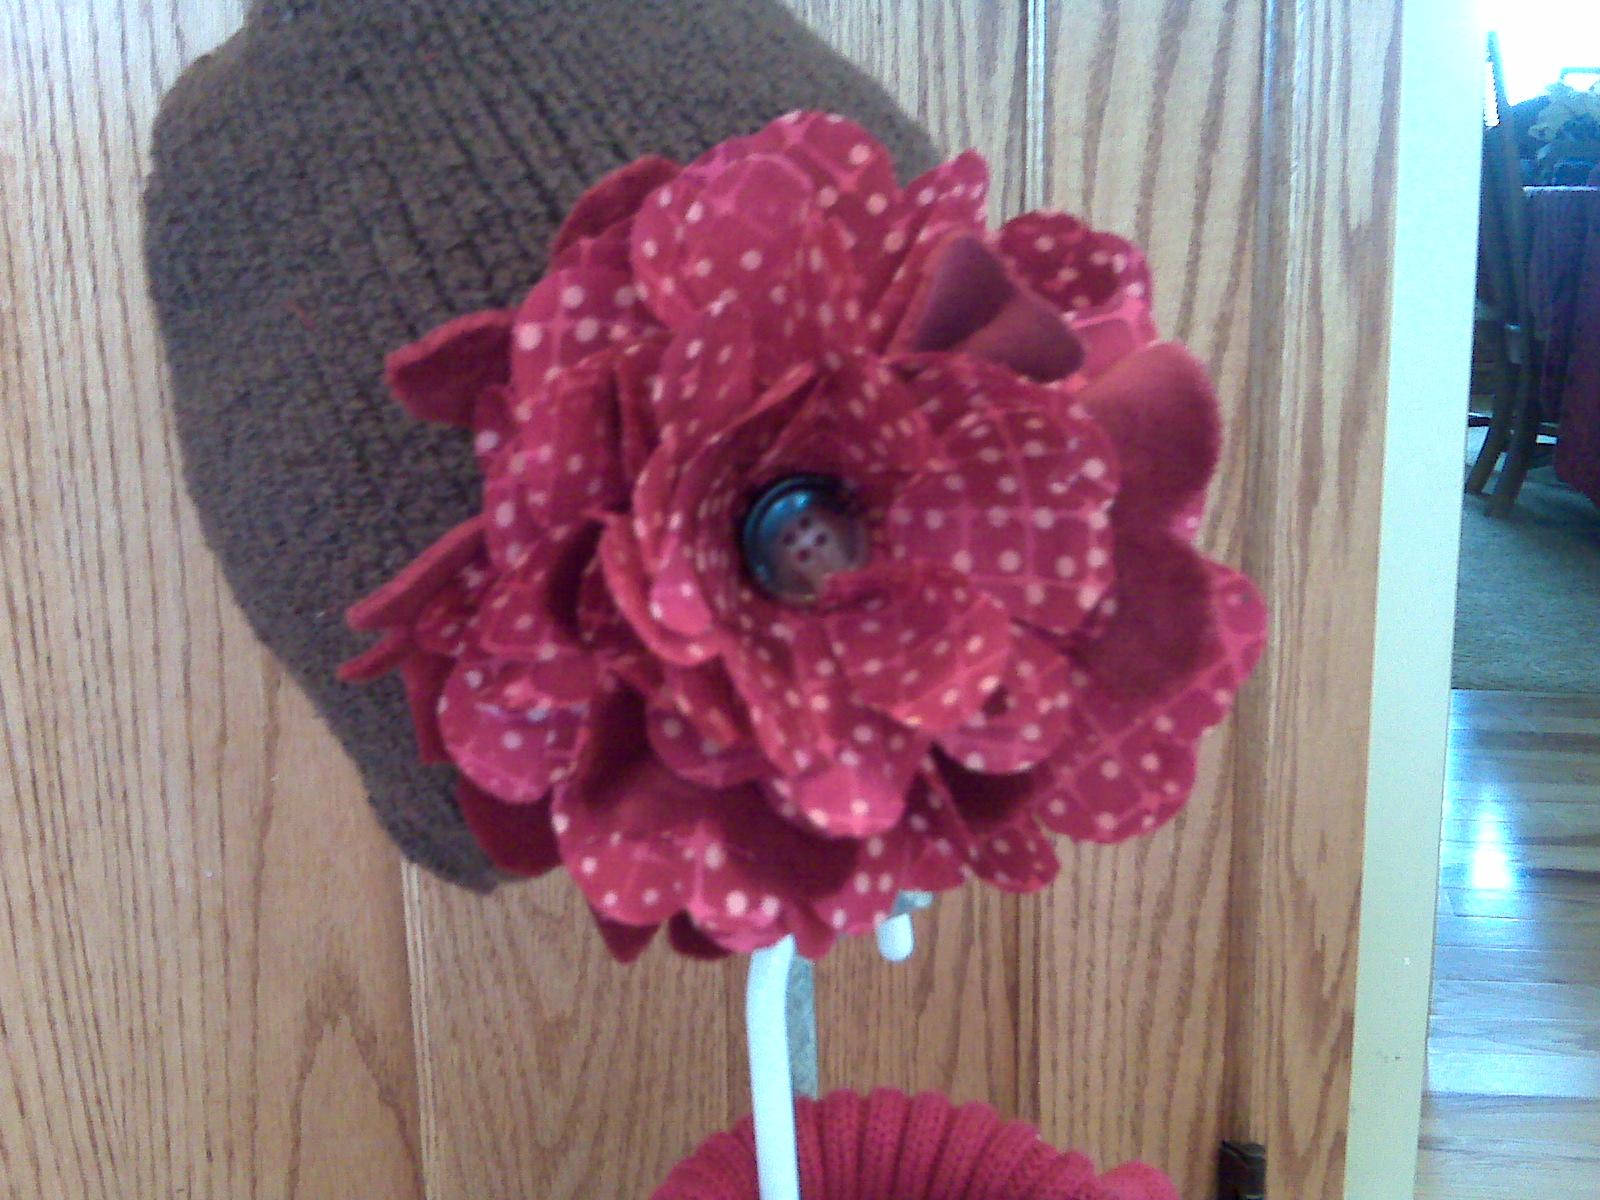 [Kendall's+flower.aspx]